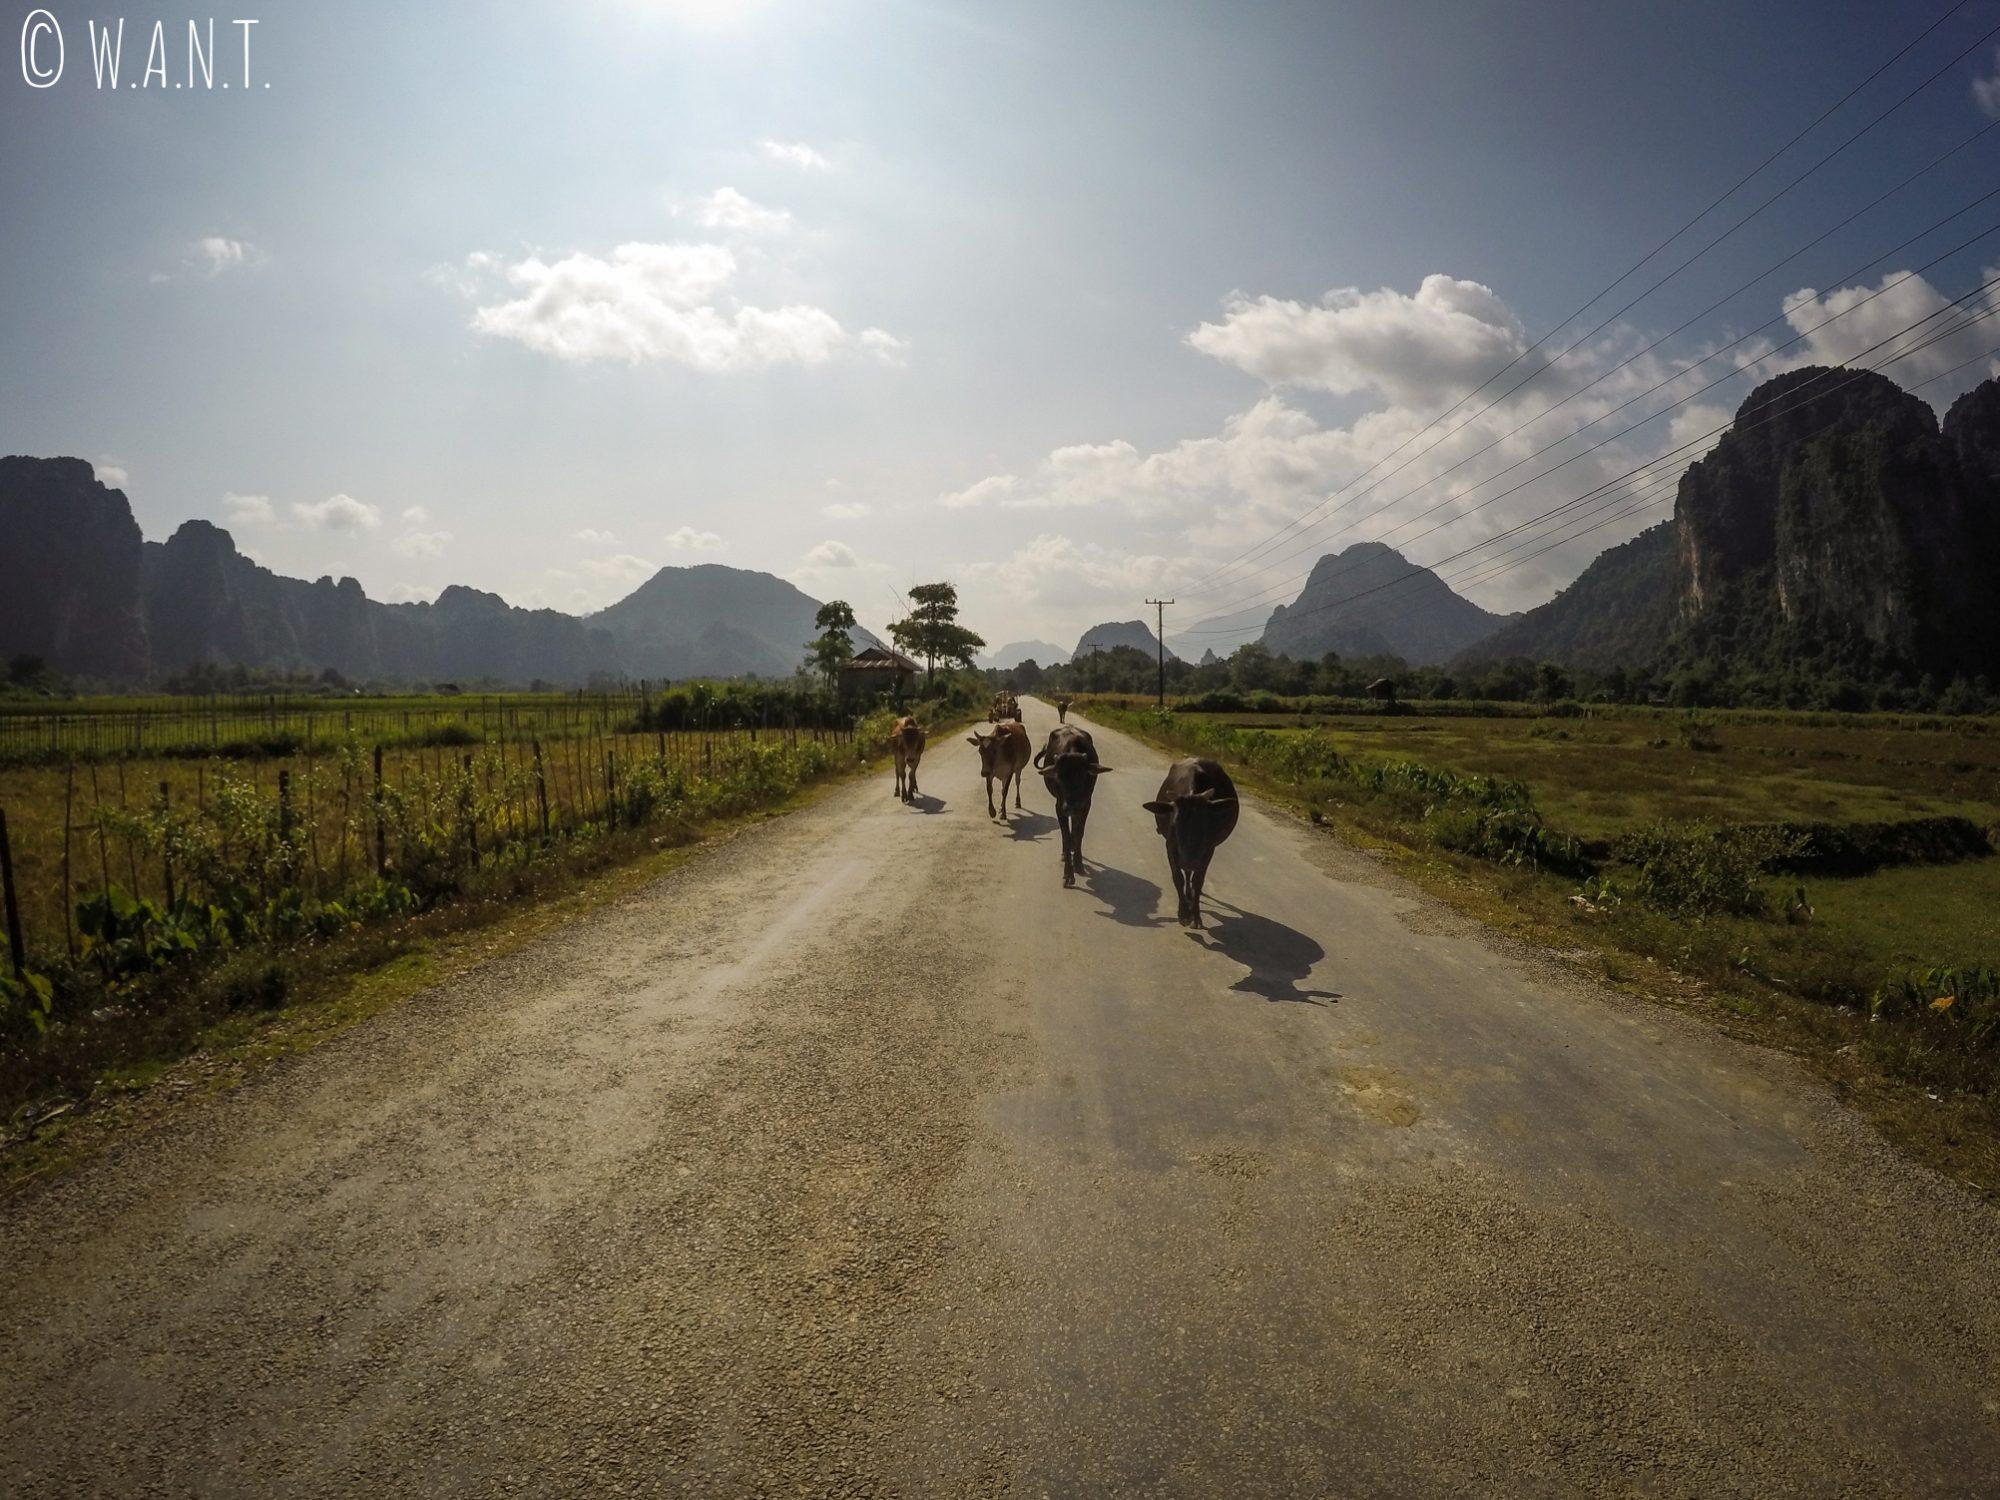 Vaches se promenant sur la route en direction de Vang Vieng